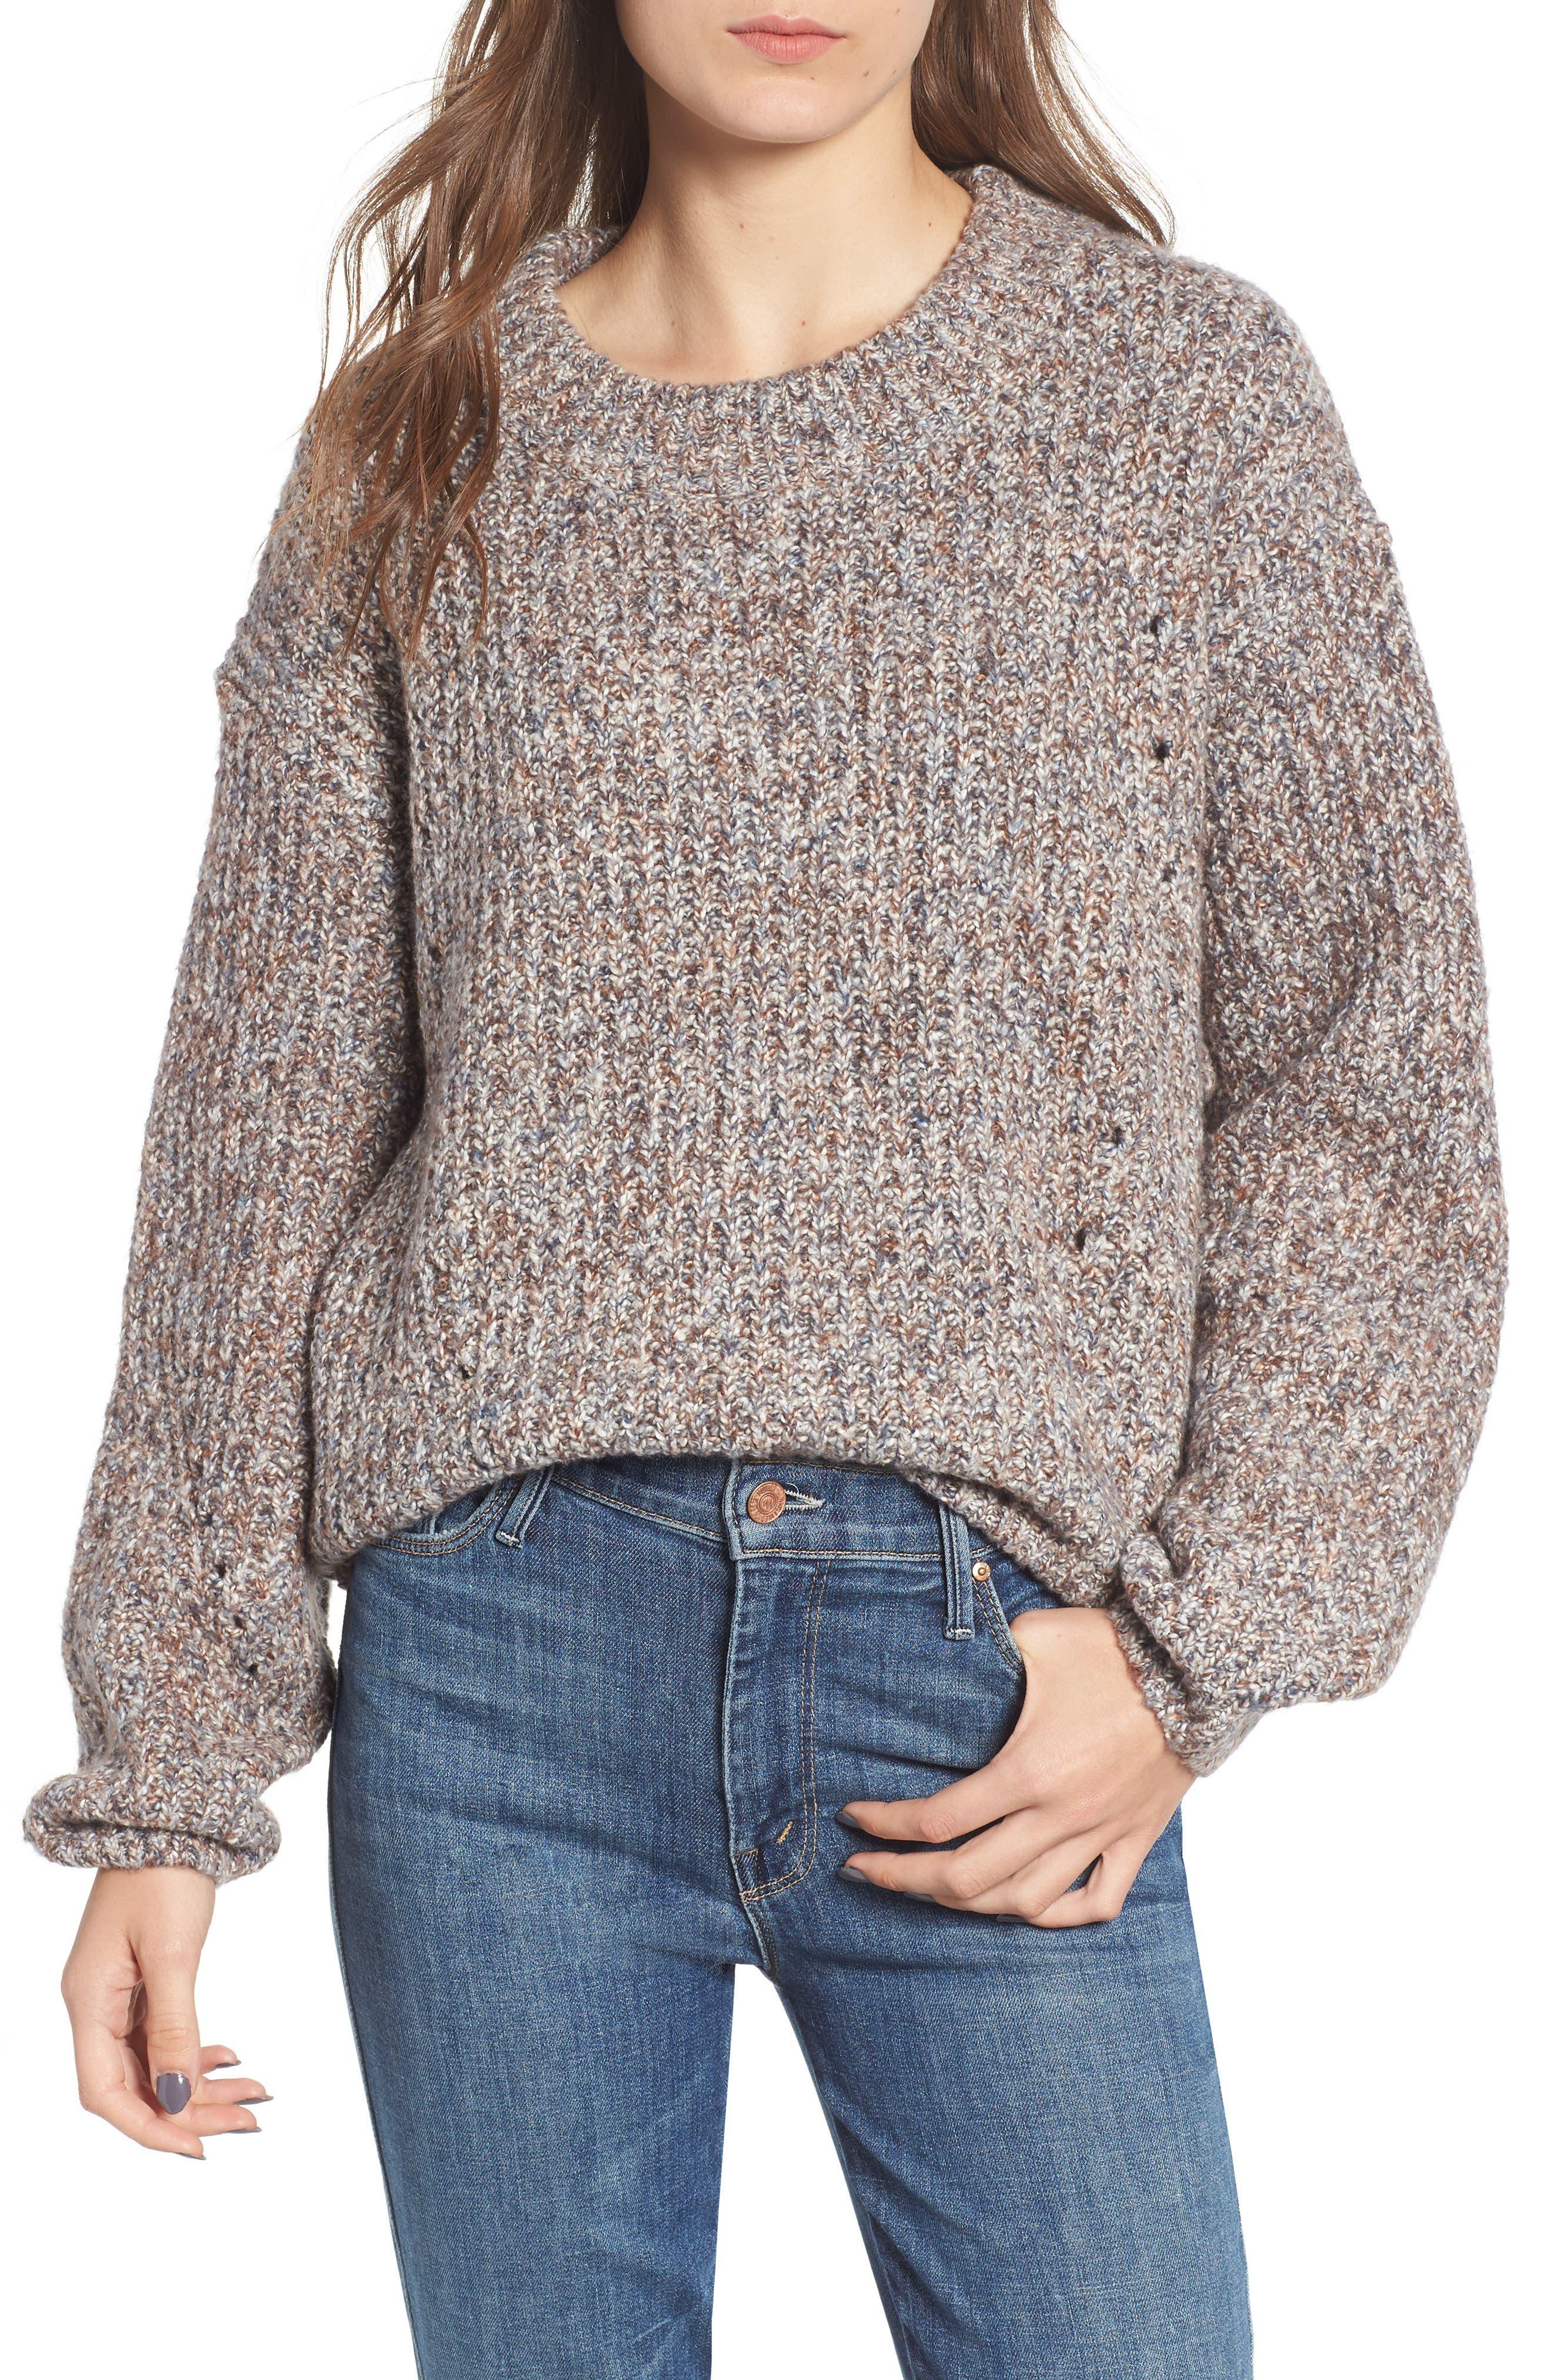 Heritage Stitch Sweater,                         Main,                         color, GREY CASTLEROCK MARL